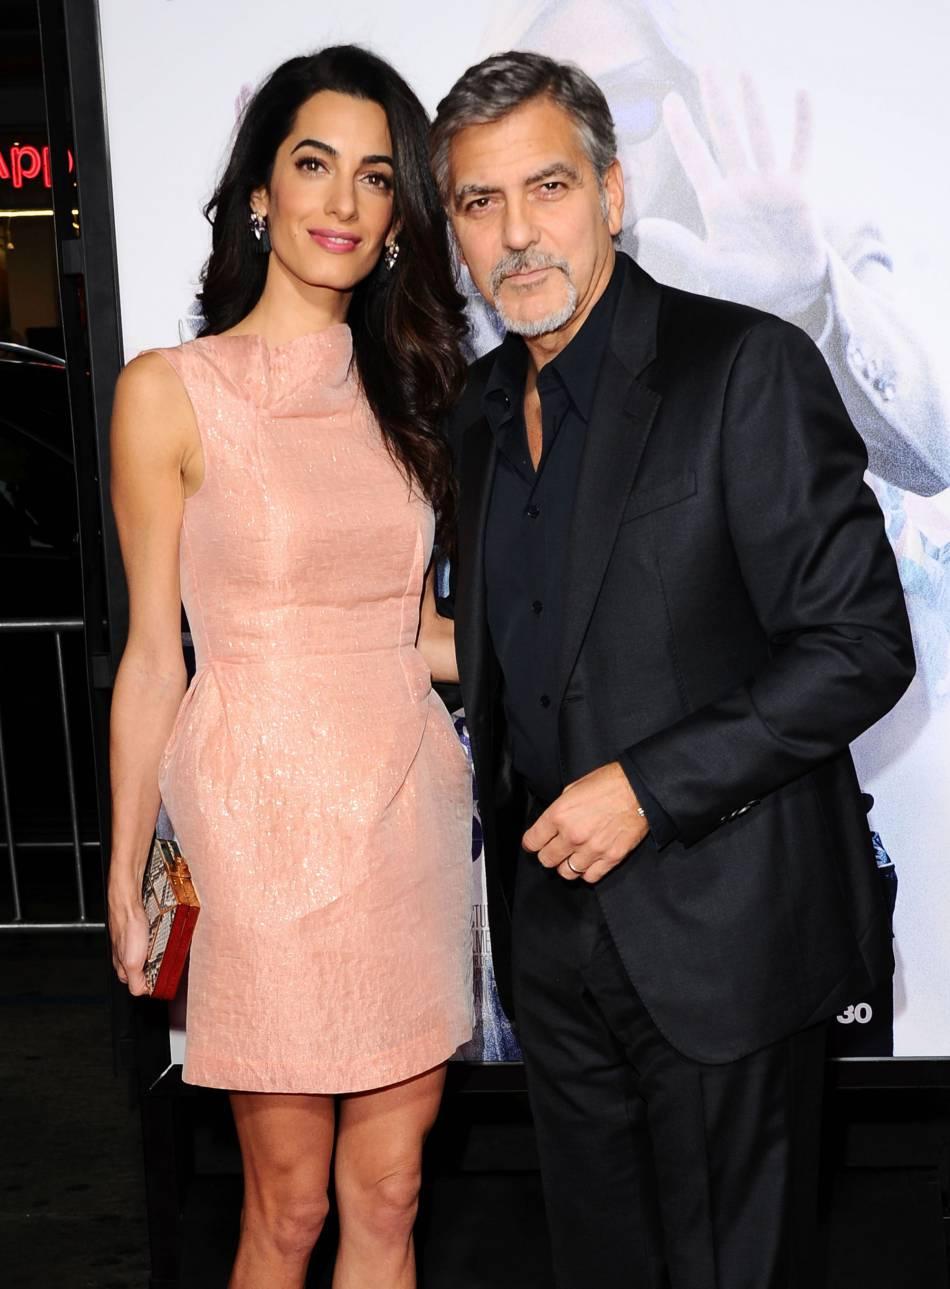 George Clooney et Amal Clooney, non, ils ne divorcent pas !